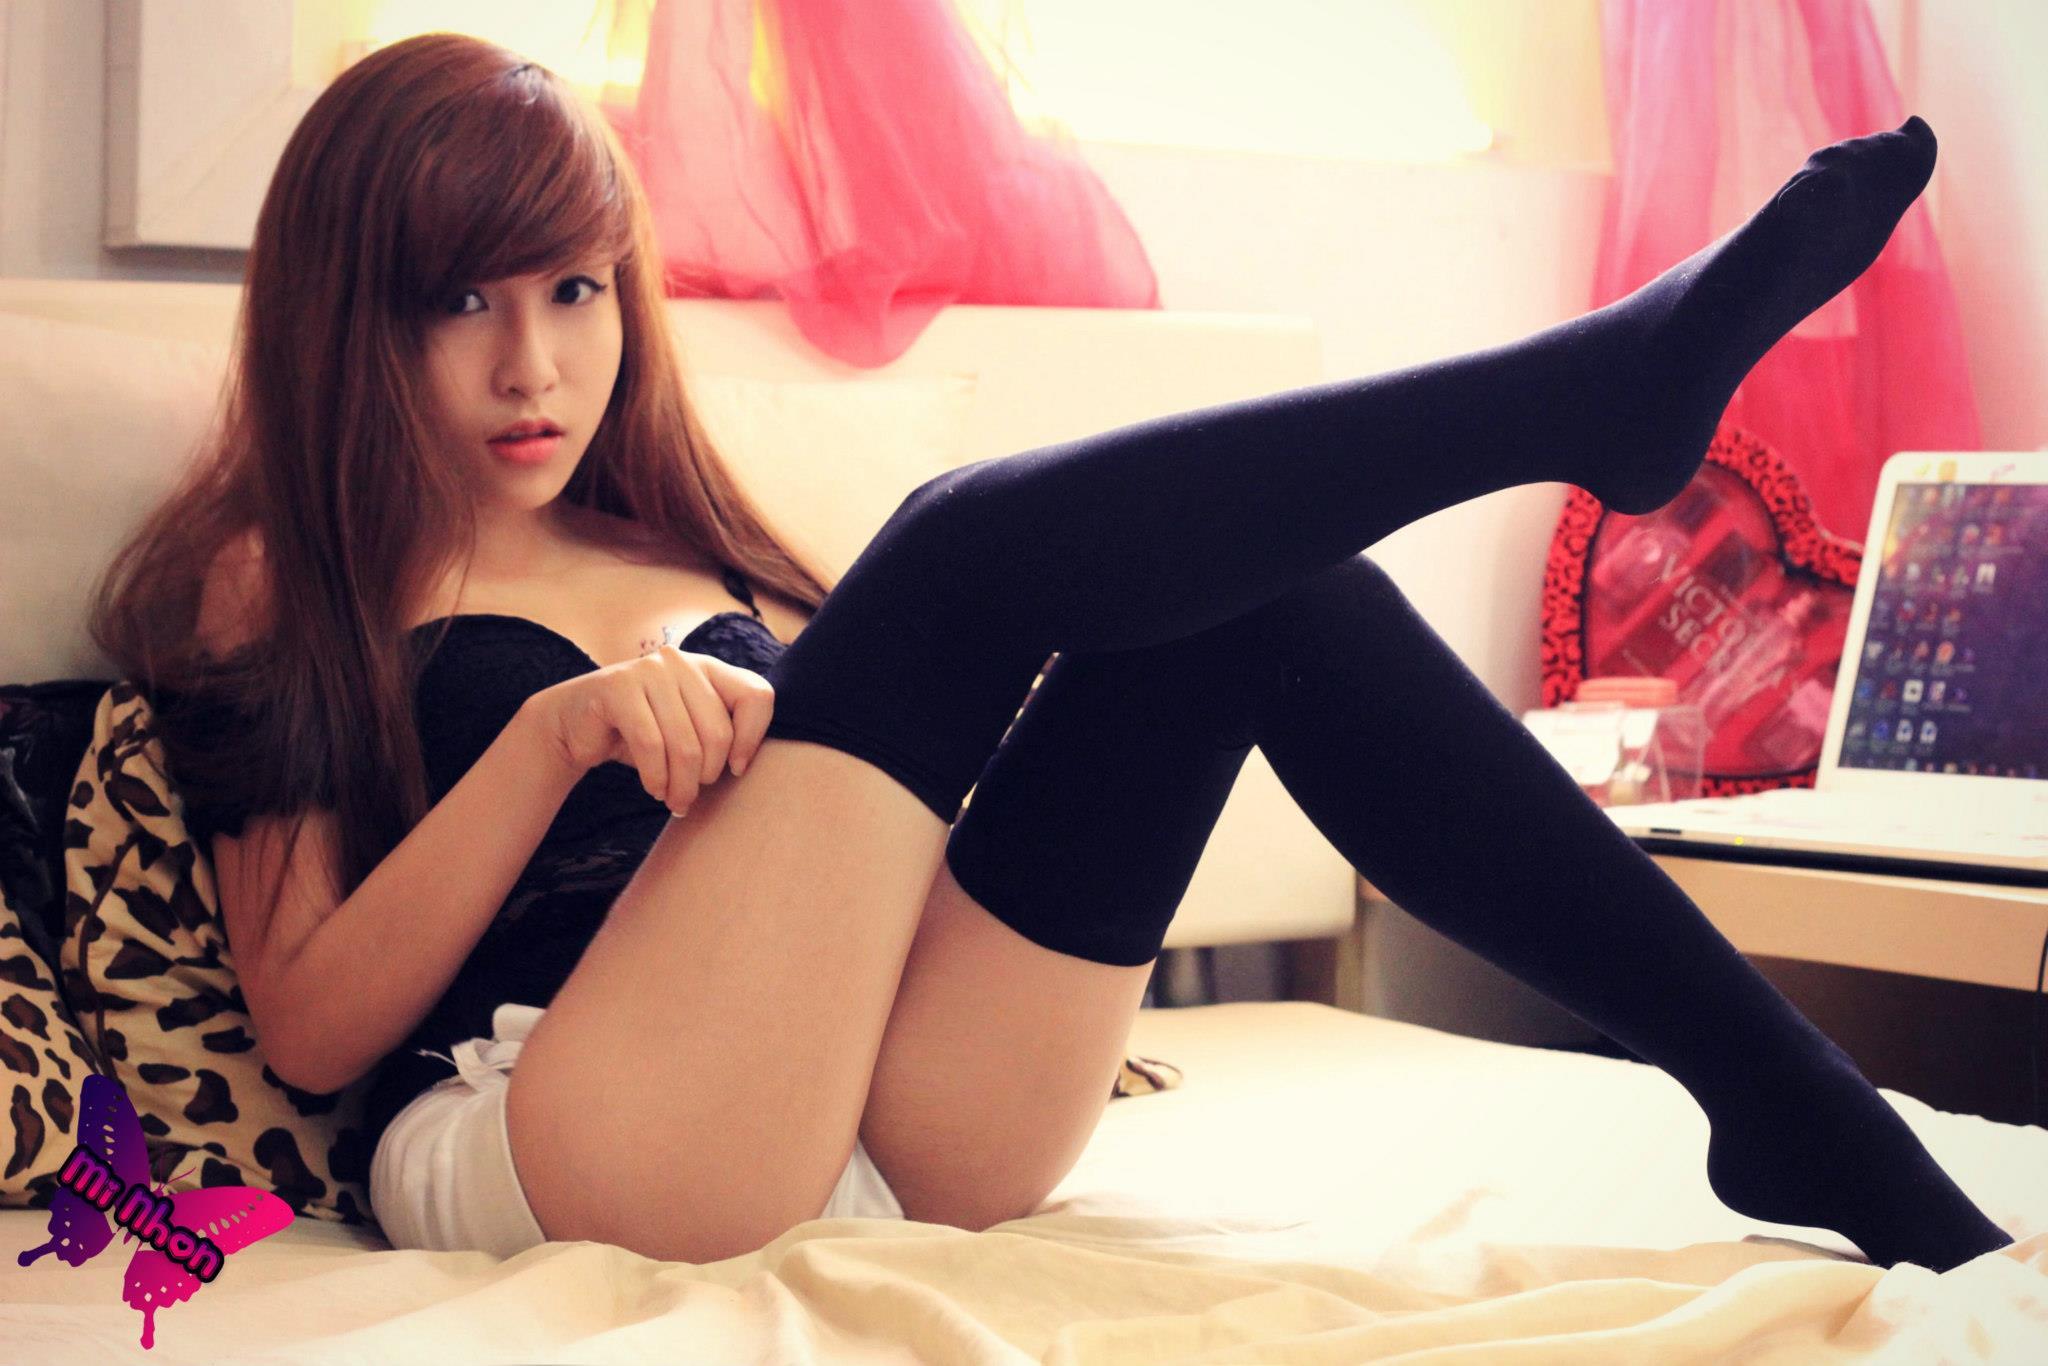 15-10anh-girl-xinh-goi-cam-that-hap-dan1